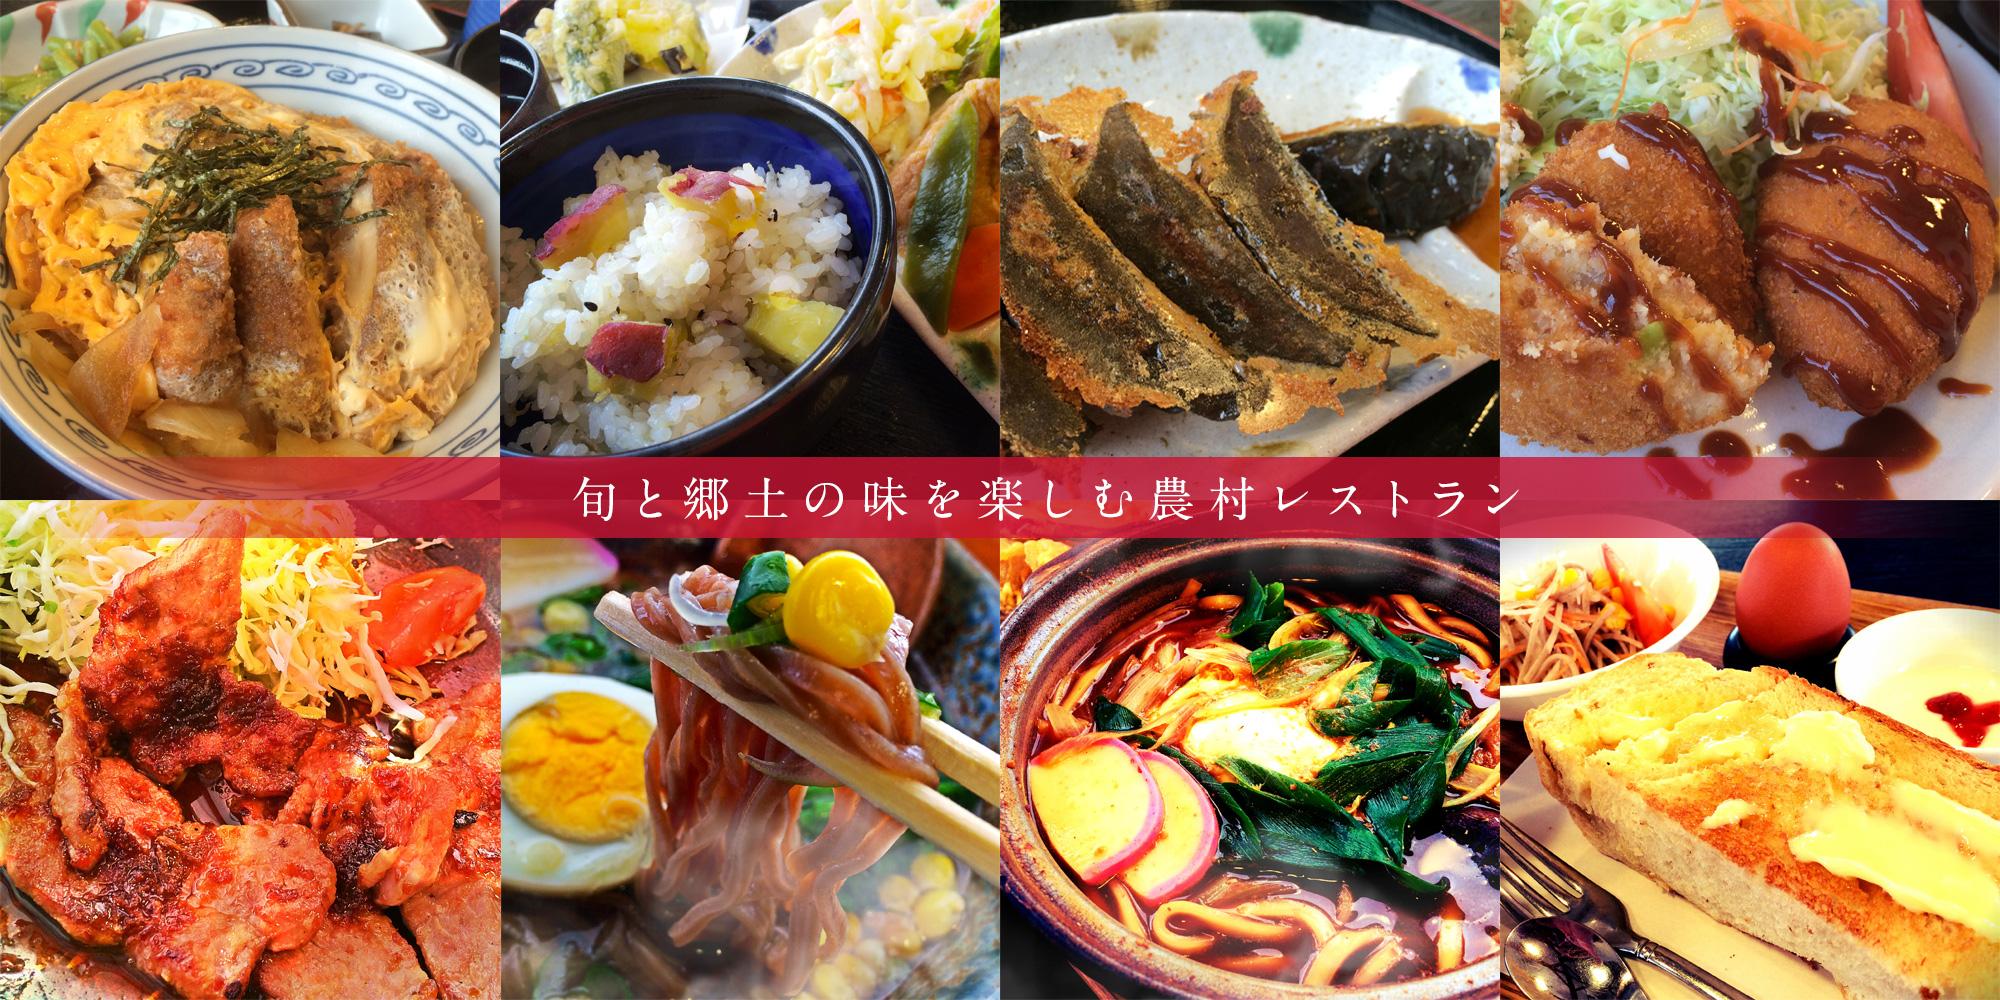 てんこもり伊自良 | 岐阜・山県の野菜直売所とレストラン